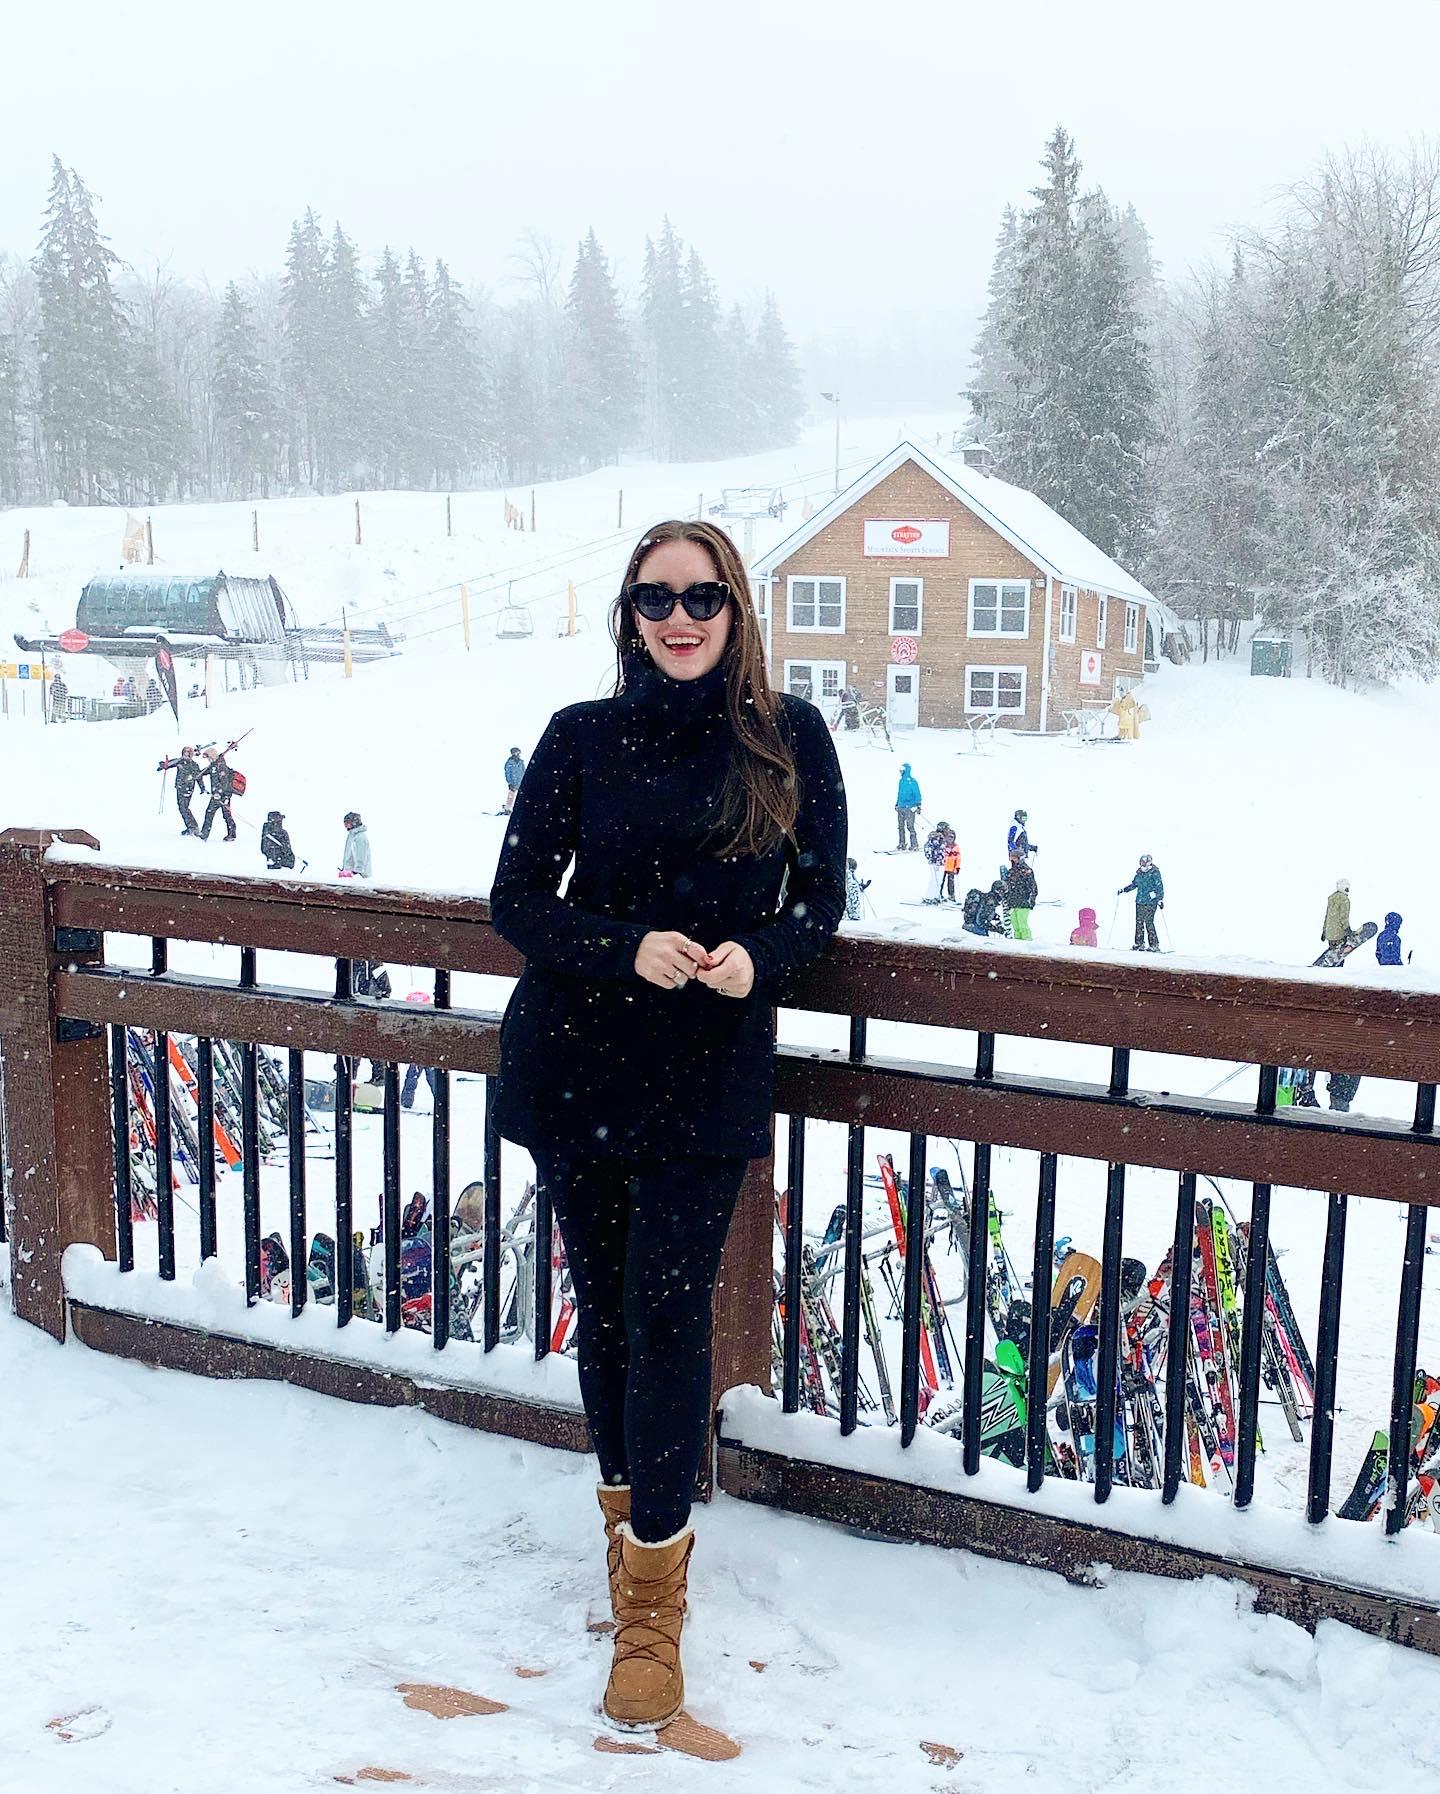 Weekend Update: February 12 snow ski trip 2020